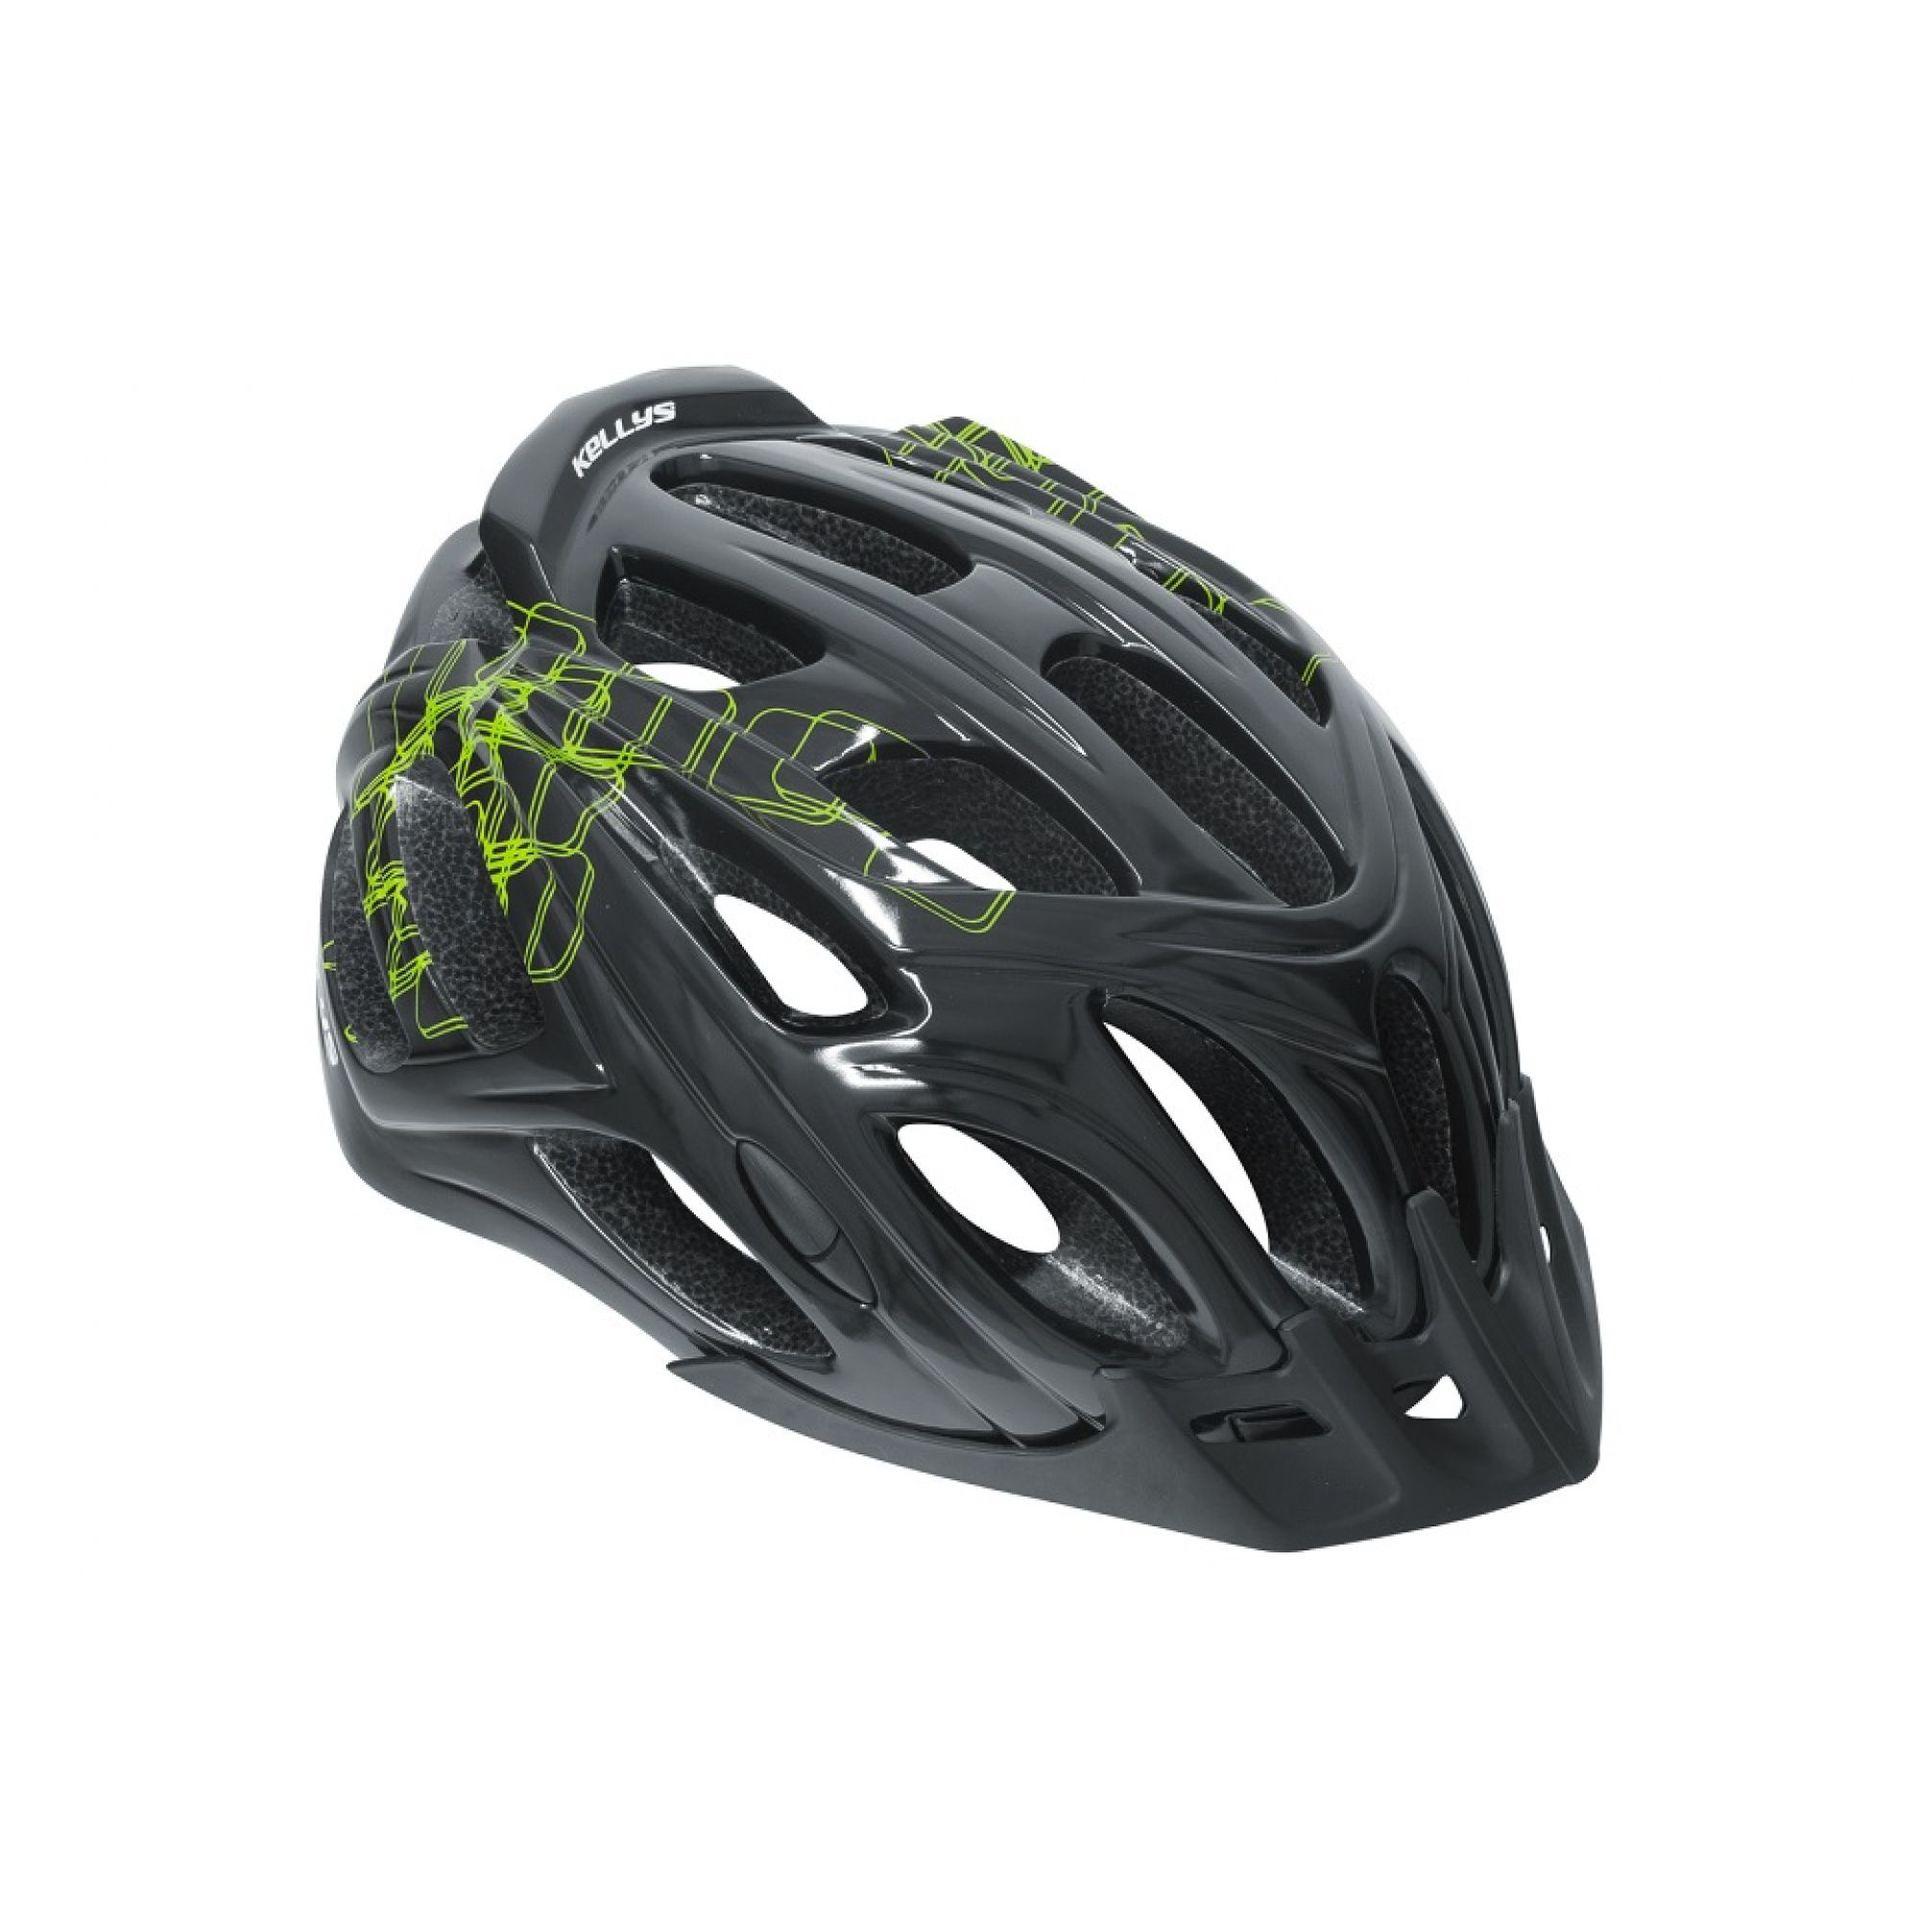 Kask rowerowy Kellys Dare czarny|zielony